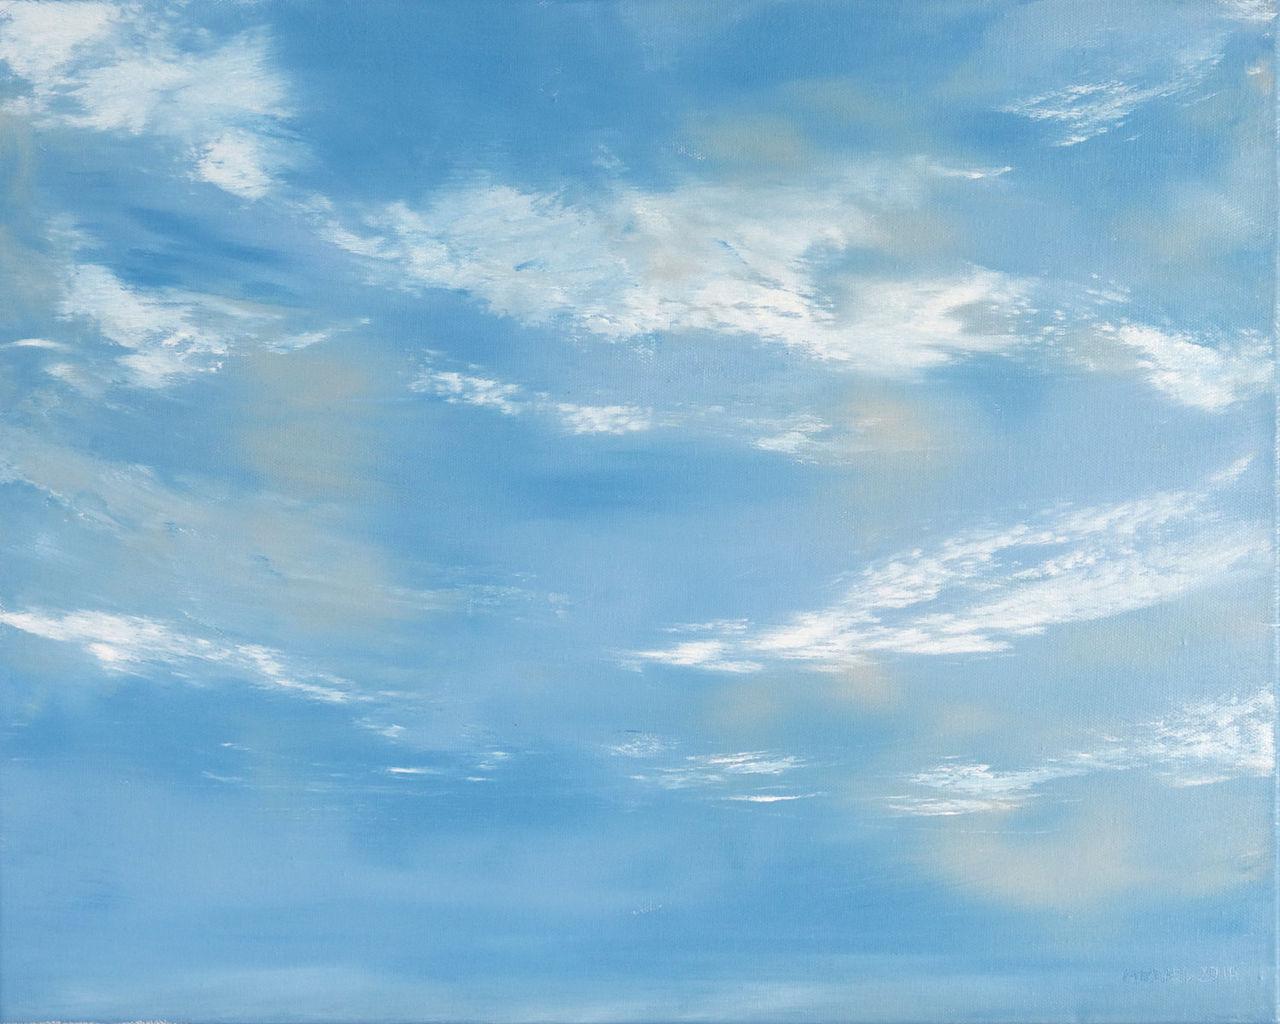 bild lmalerei realismus malerei himmel von michael purtz bei kunstnet. Black Bedroom Furniture Sets. Home Design Ideas